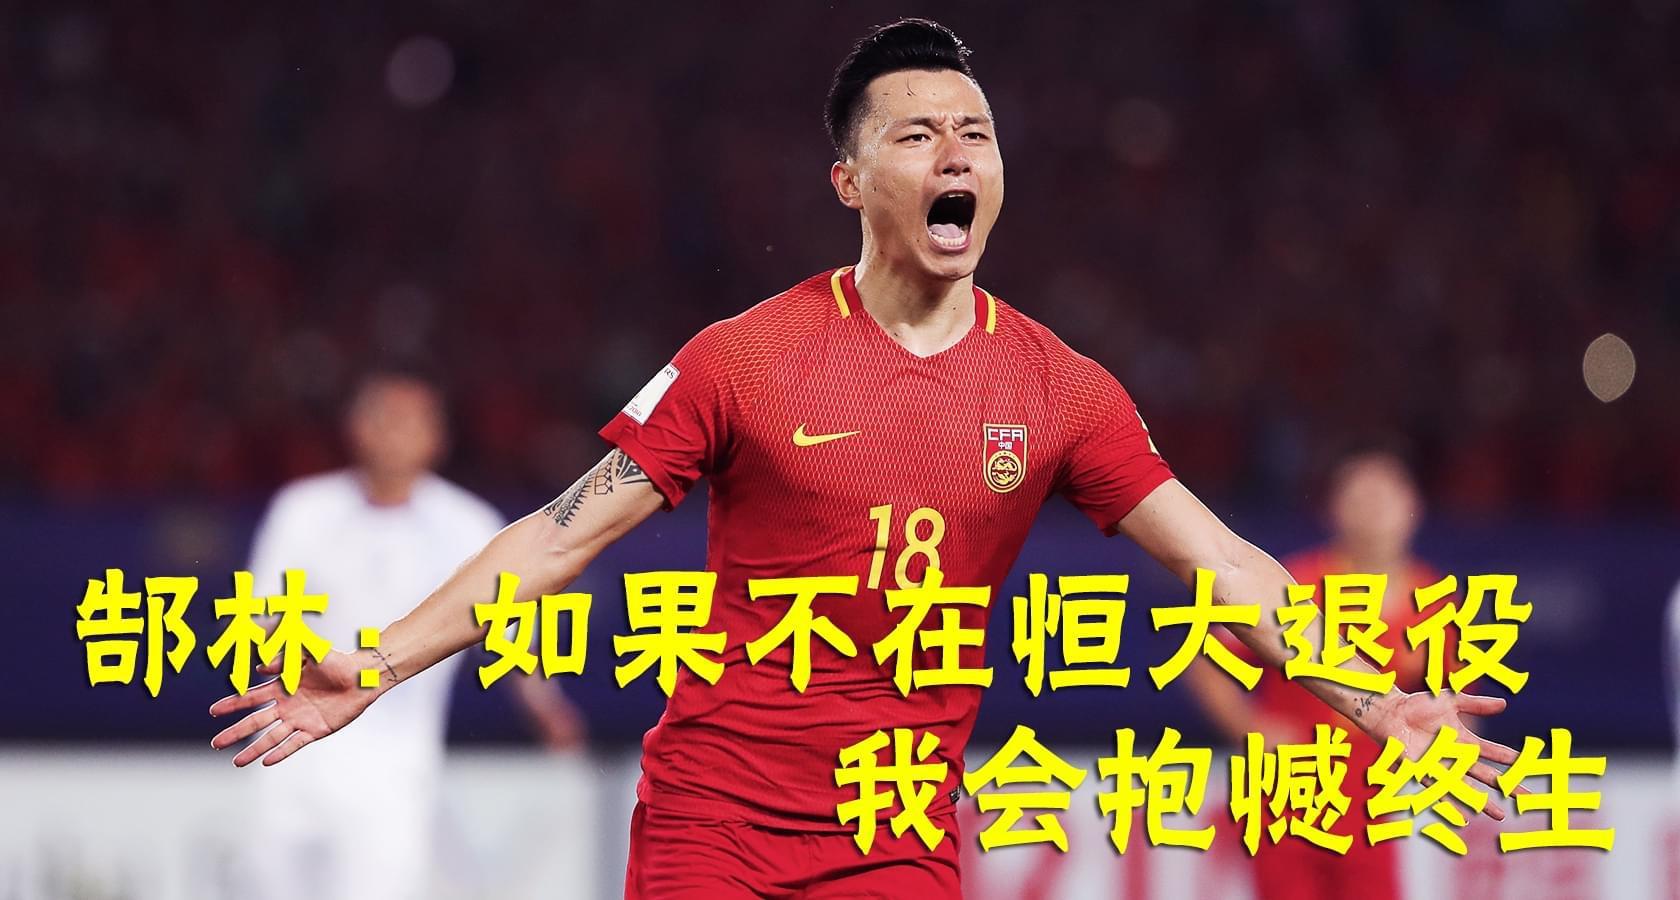 郜林:不想郑智再罚点球 在中国没人有资格质疑里皮